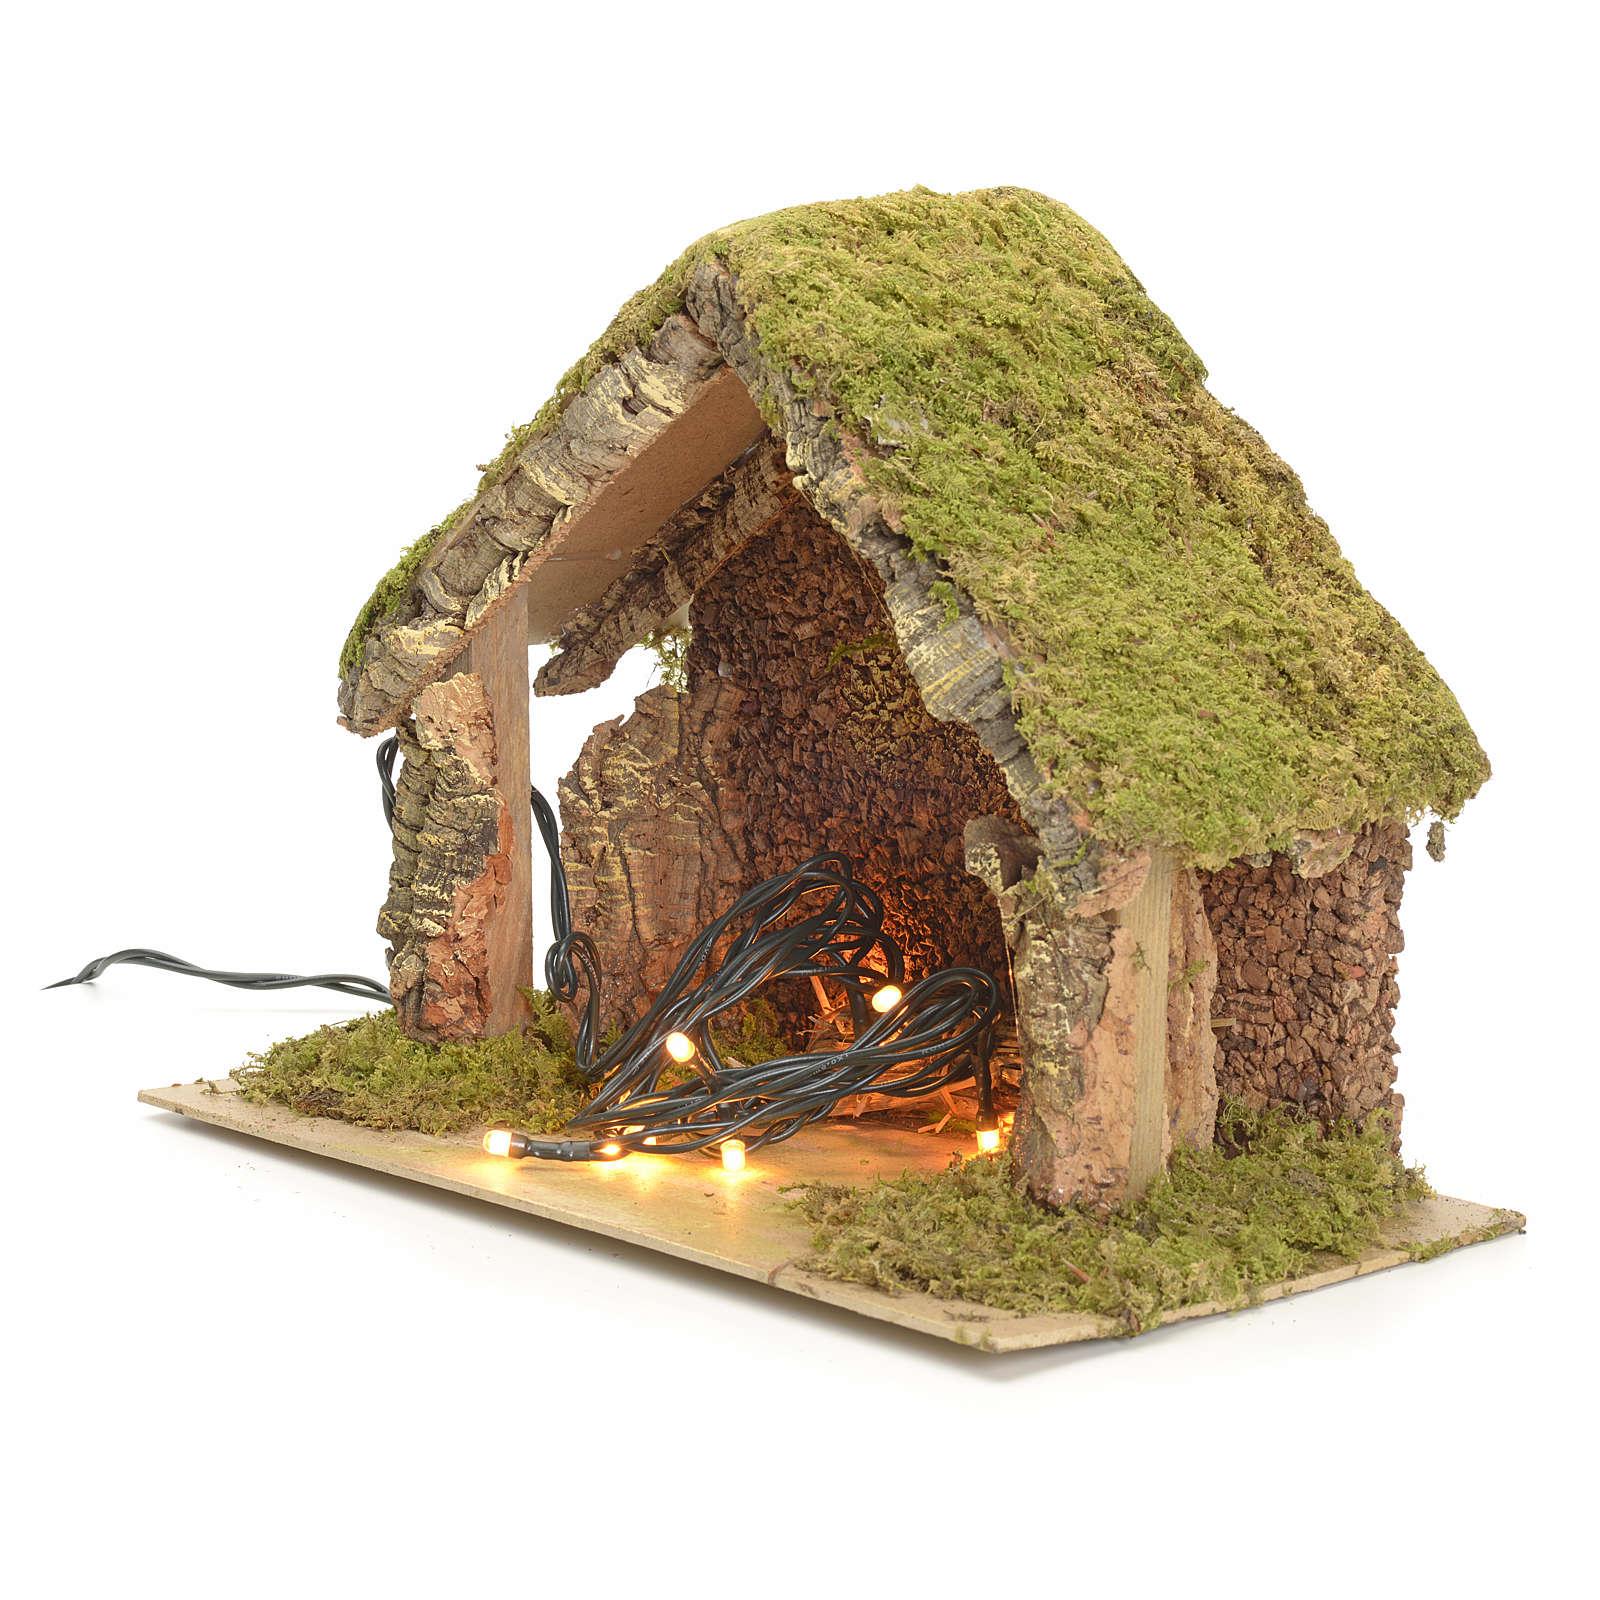 Cabaña pesebre iluminado techo a punta 24x32x18 4